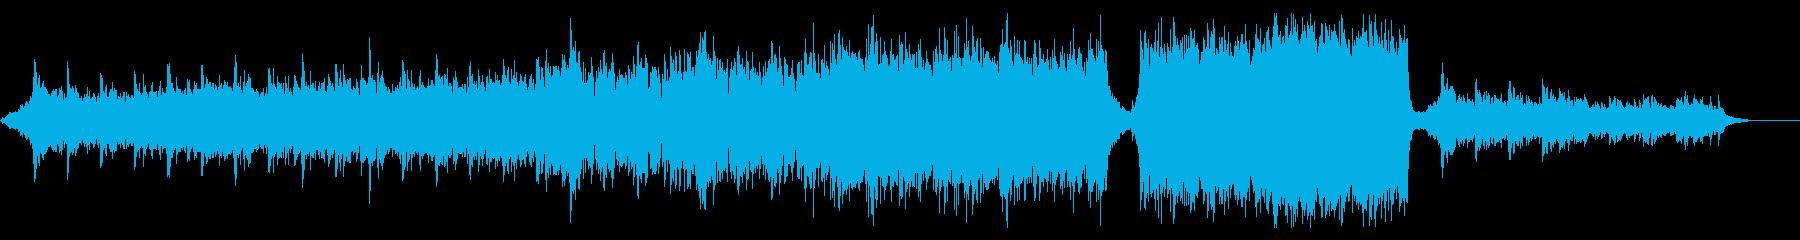 シネマティックな予告トレーラー風11Bの再生済みの波形